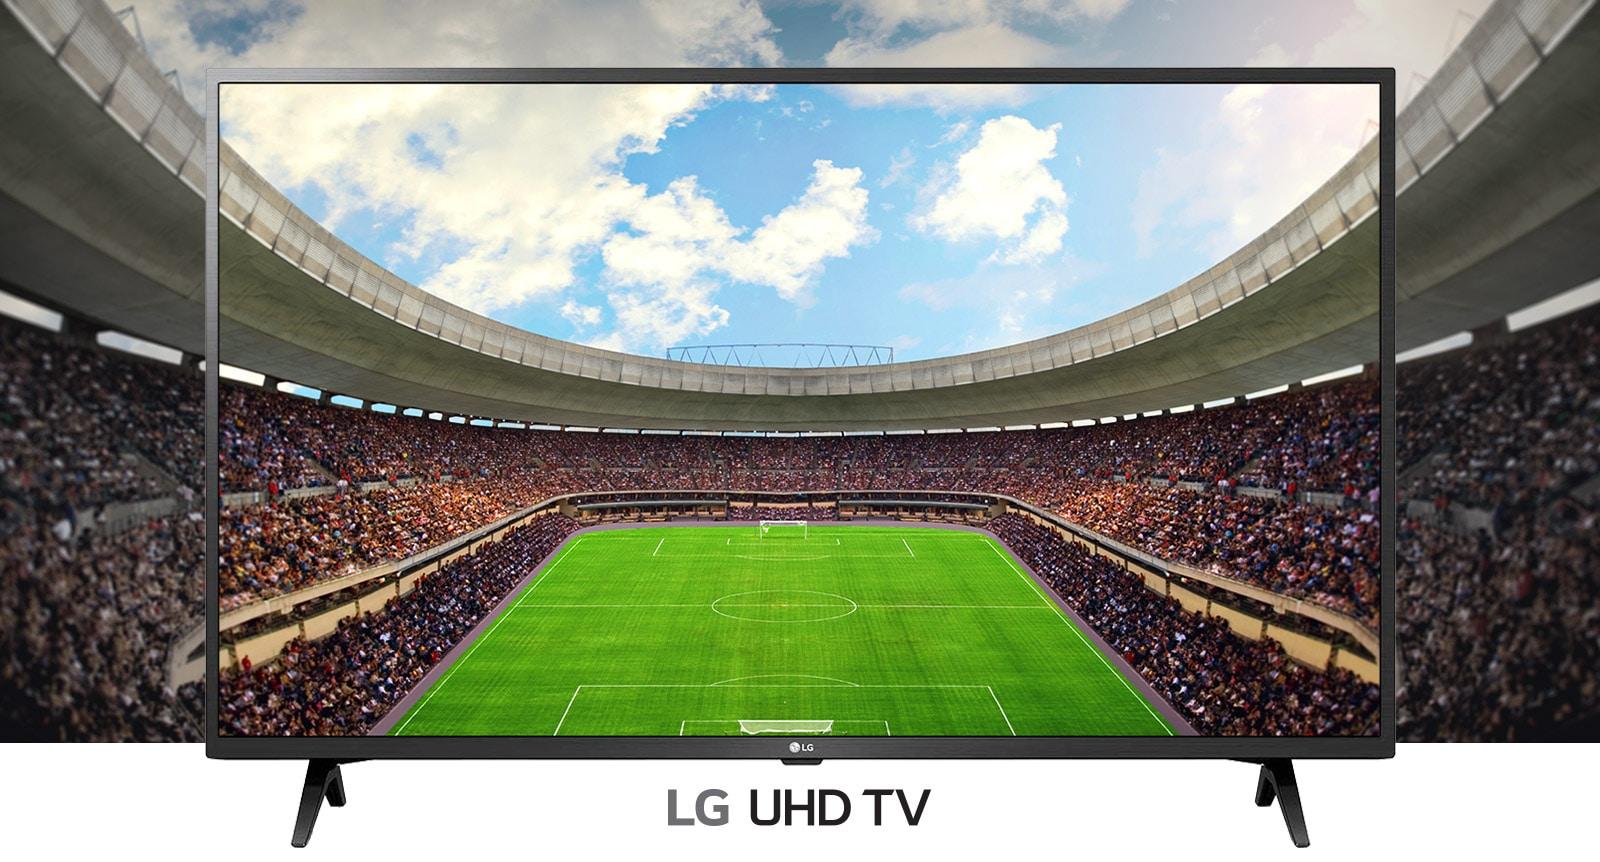 LG 65UN7300PTC real 4K